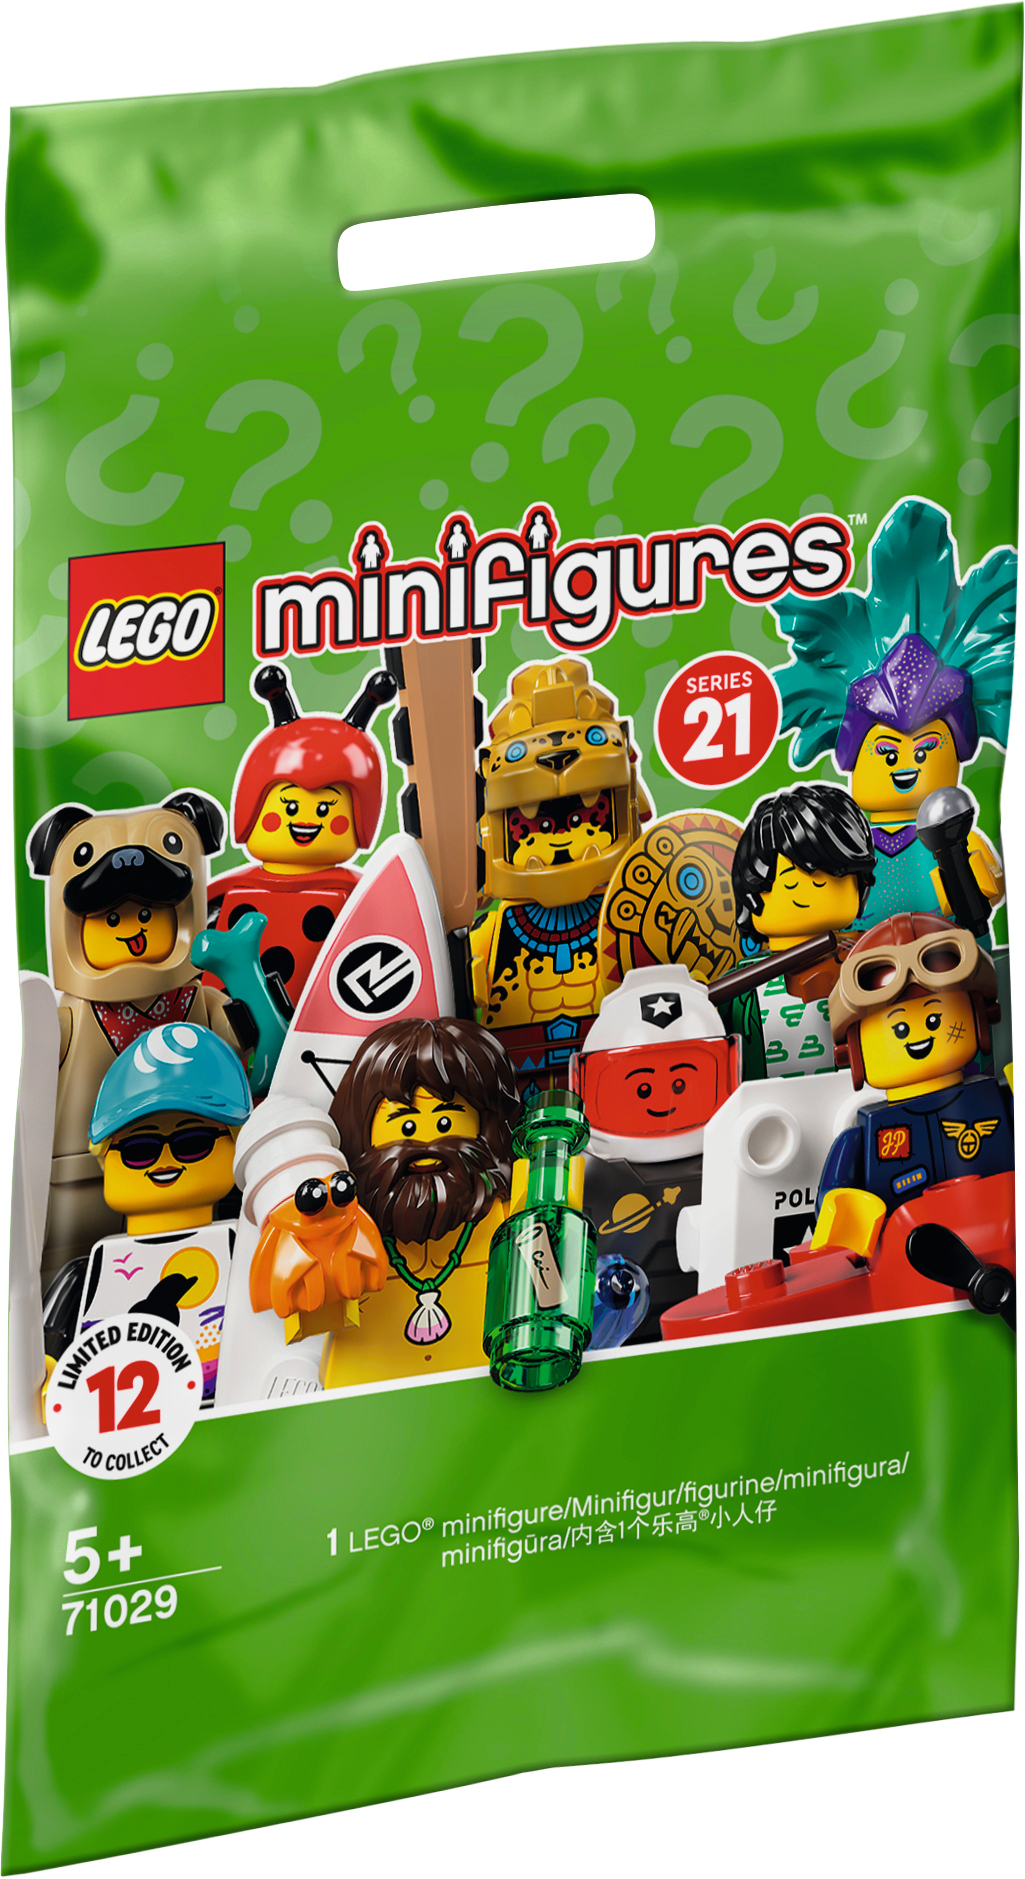 Lego Saqueta Minifiguras 21º Edição